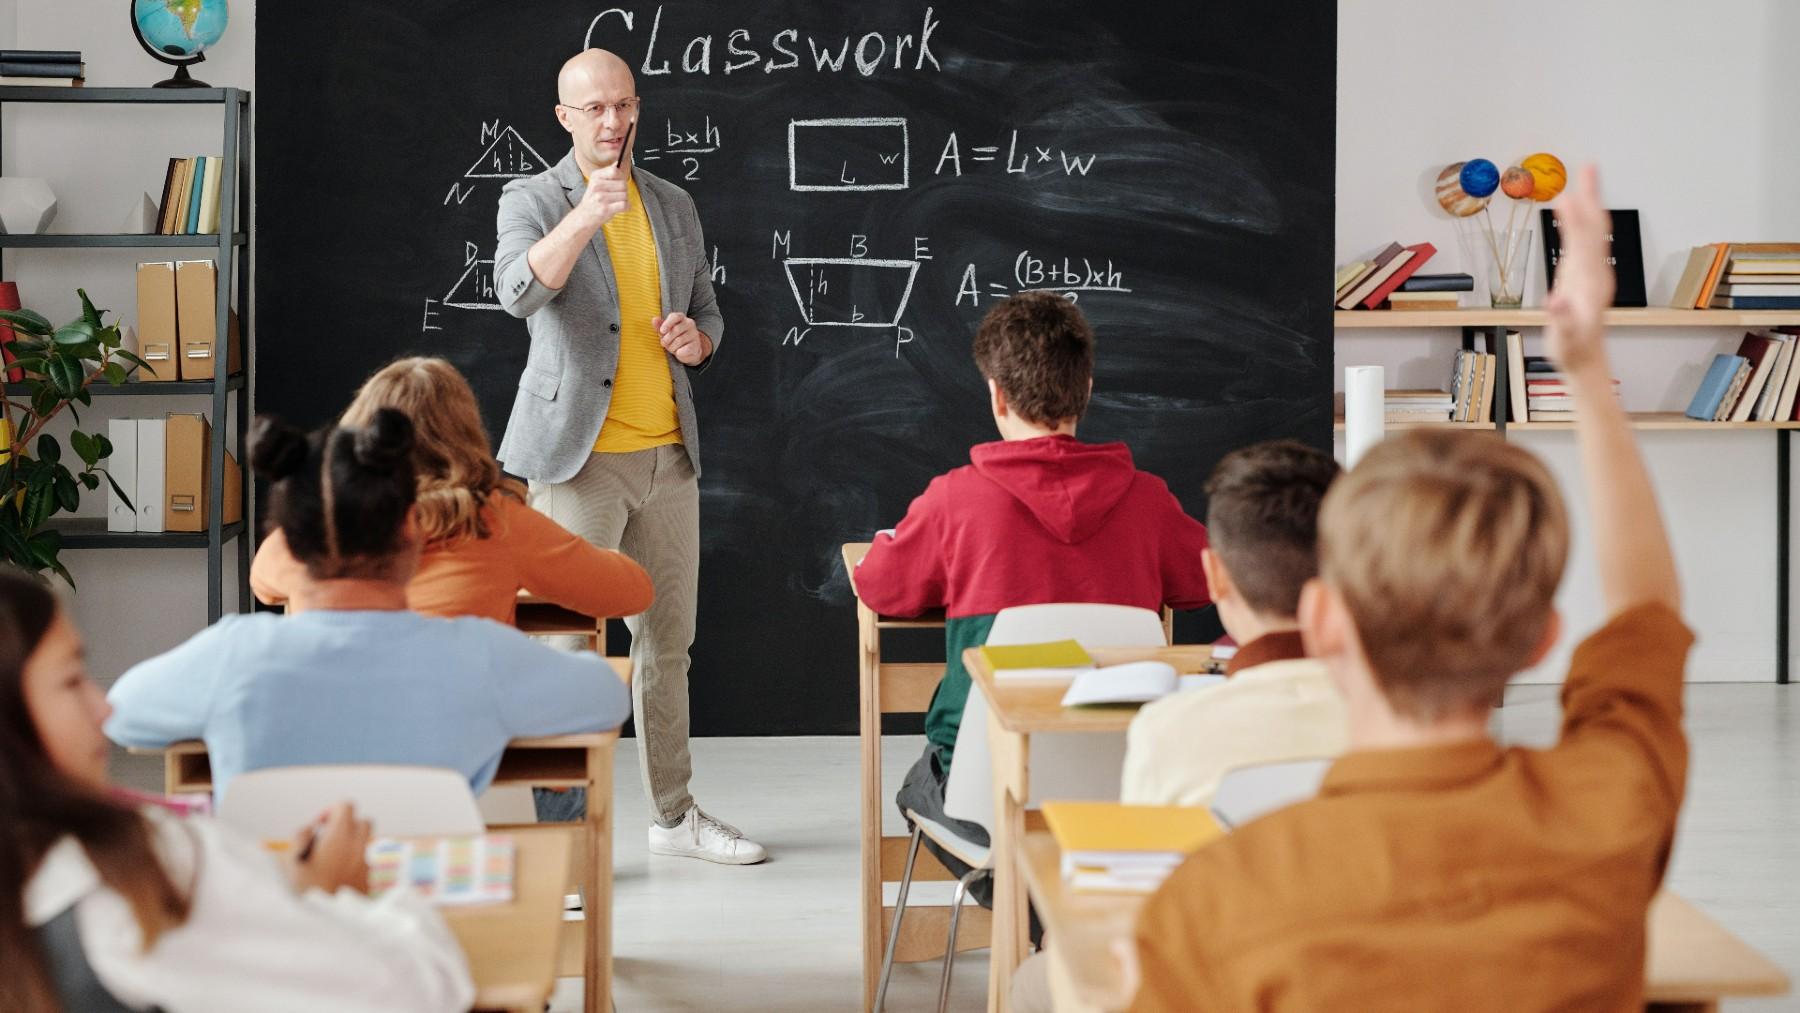 Vuelta al cole de El Corte Inglés: Los mejores ofertas y descuentos en material escolar y papelería